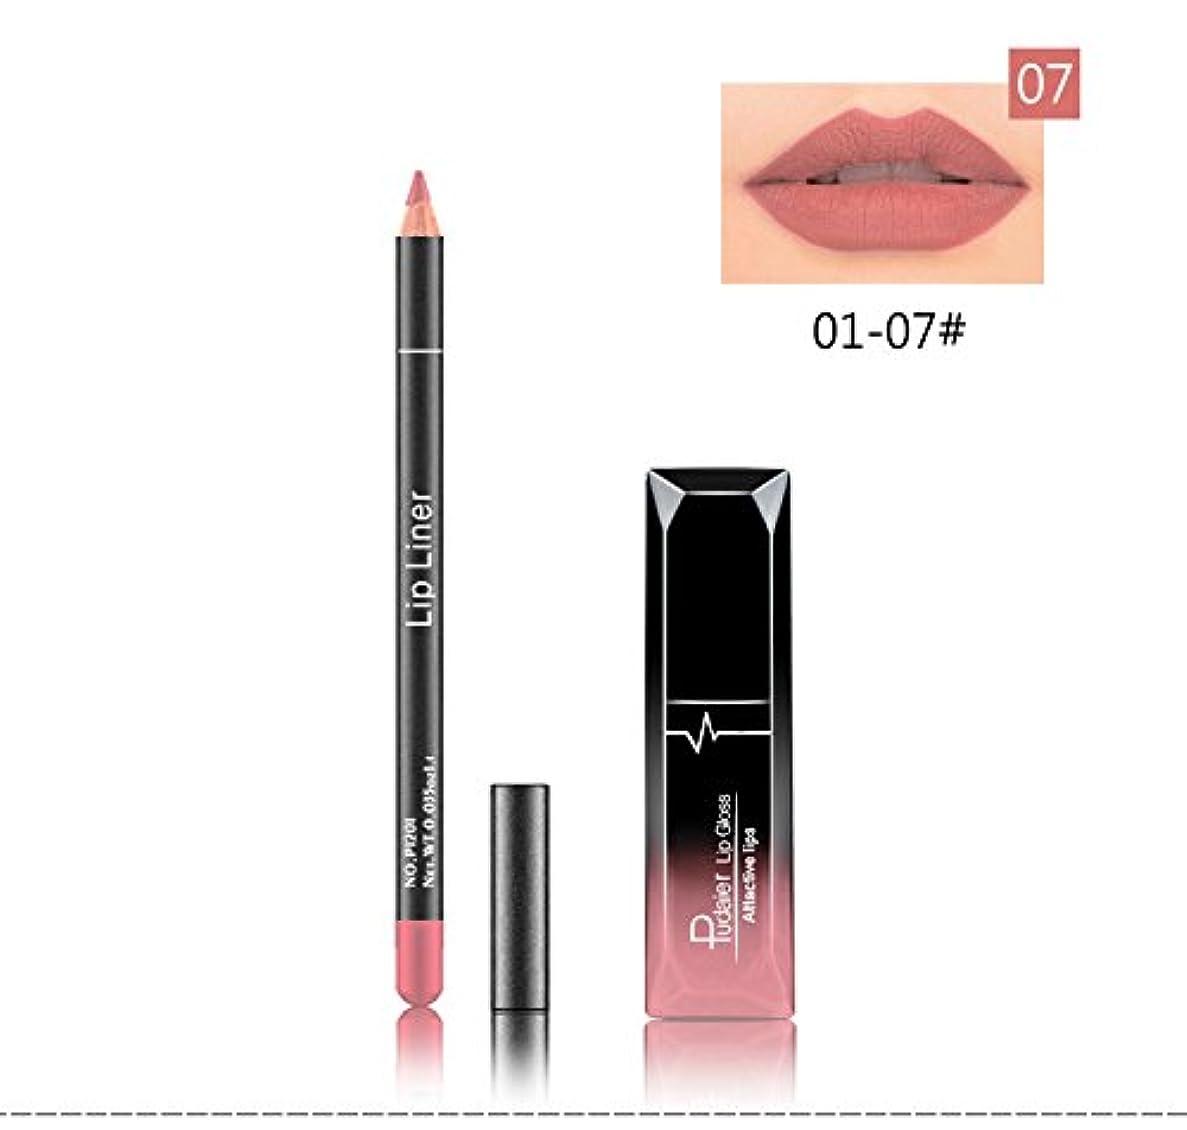 もちろん植生地上の(07) Pudaier 1pc Matte Liquid Lipstick Cosmetic Lip Kit+ 1 Pc Nude Lip Liner Pencil MakeUp Set Waterproof Long Lasting Lipstick Gfit